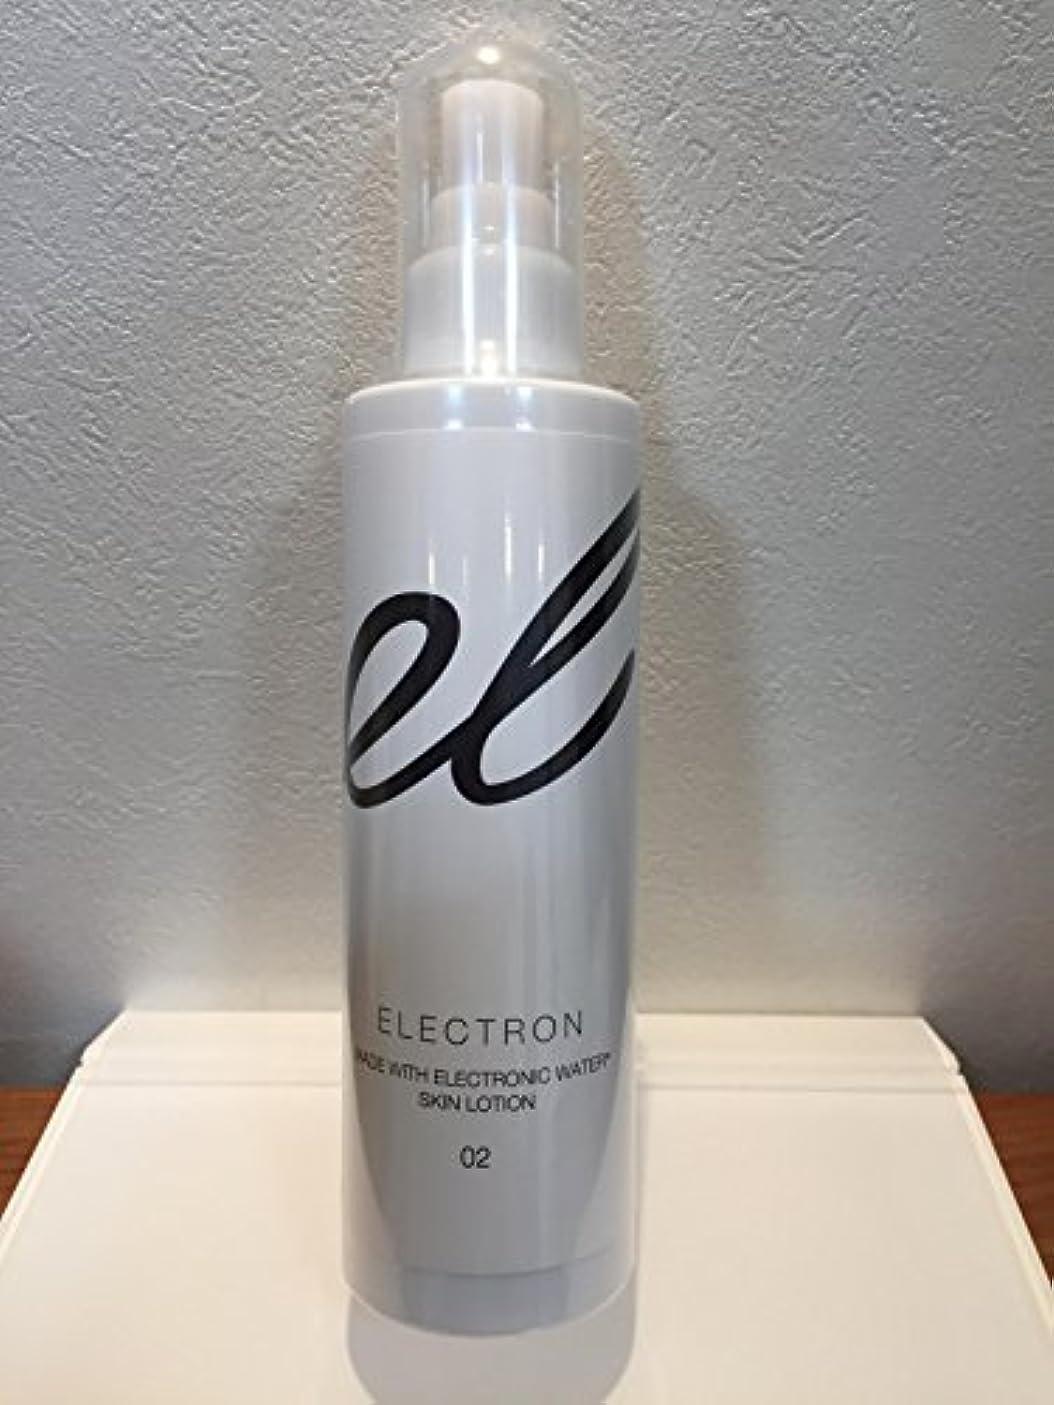 フェロー諸島フォージリスクエレクトロン エレクトロン スキンローション(化粧水)《200ml》